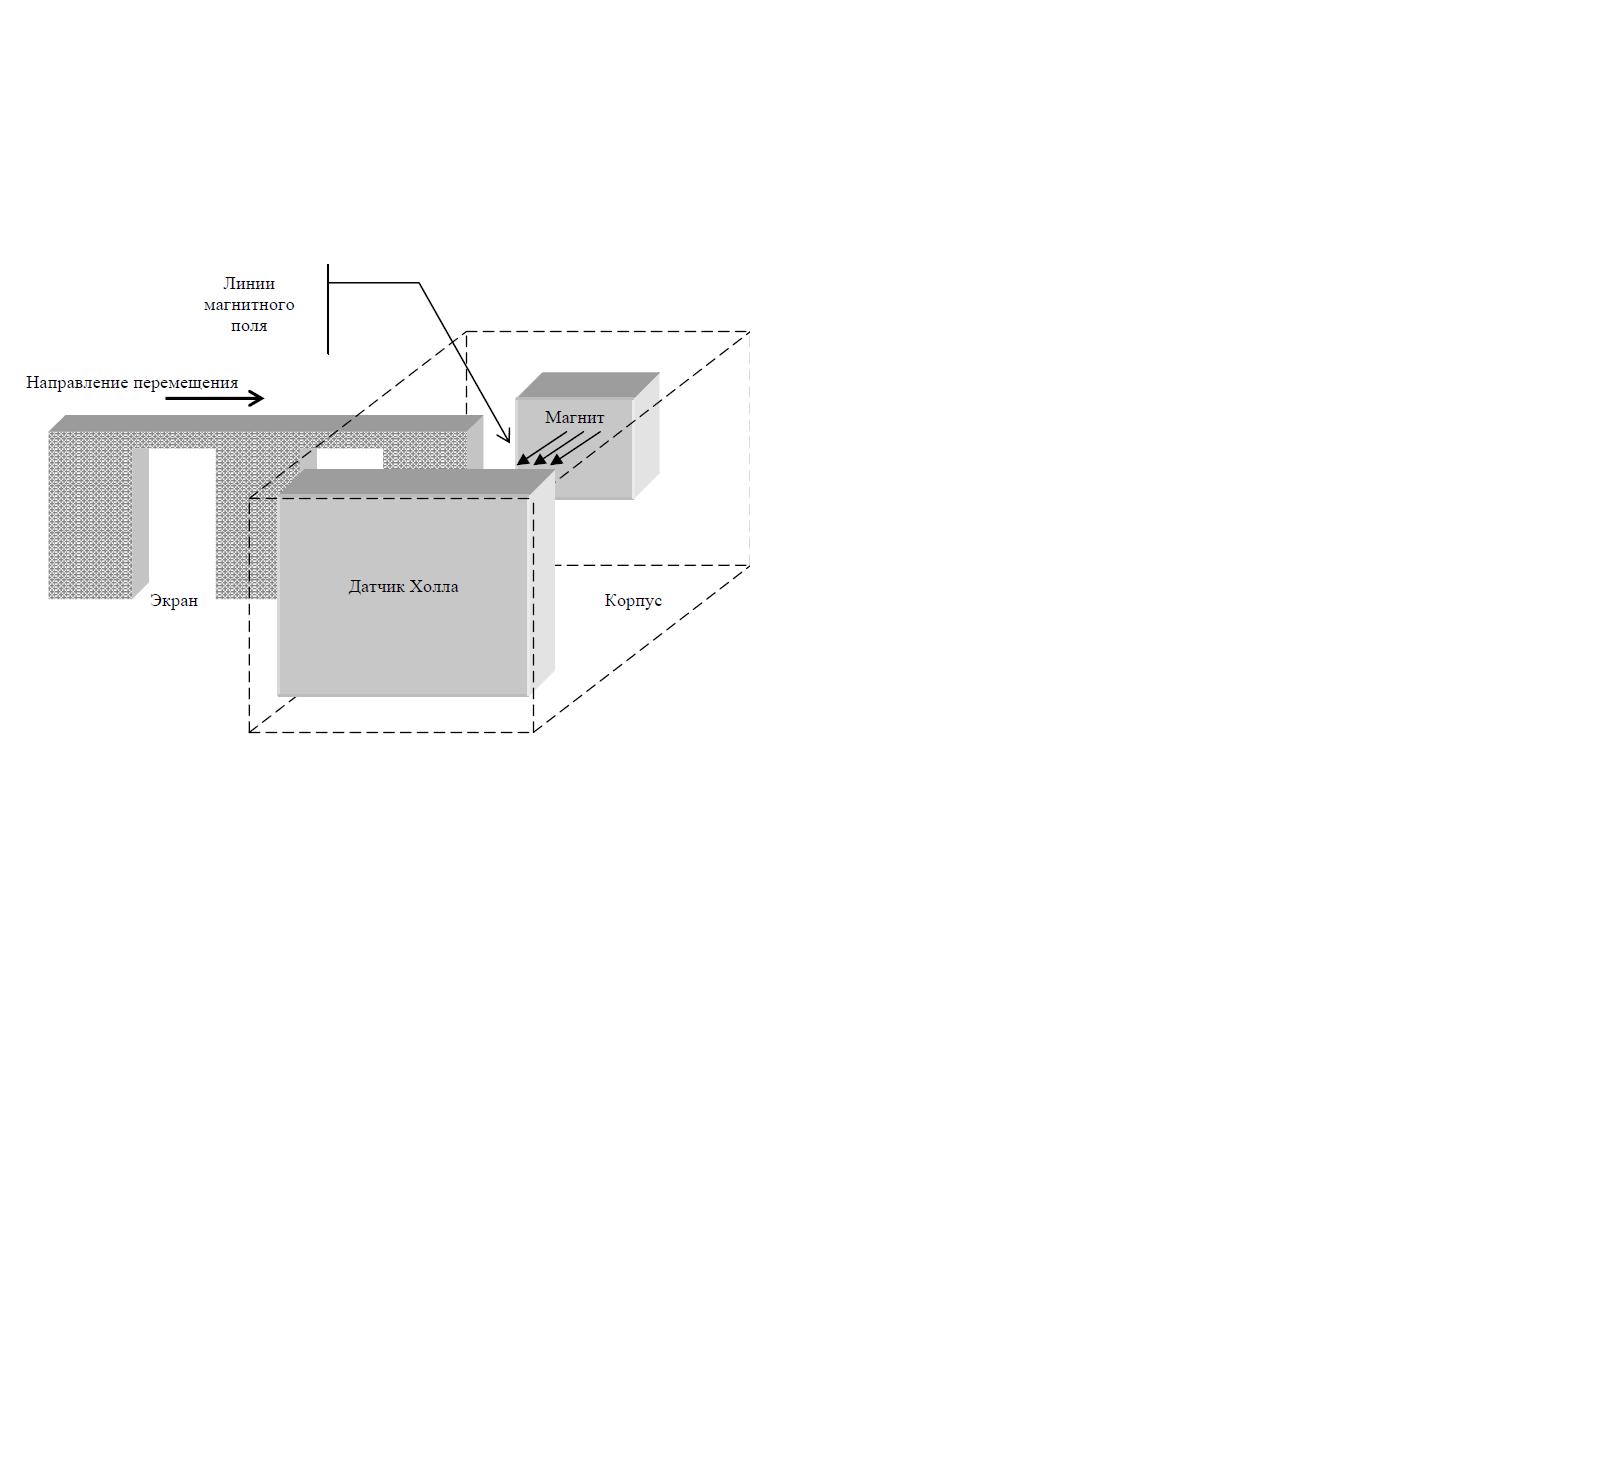 Применение датчиков Холла Ползунковый датчик состоит из системы магнита и датчика Холла с цифровым выходом как это показано на рисунке 1